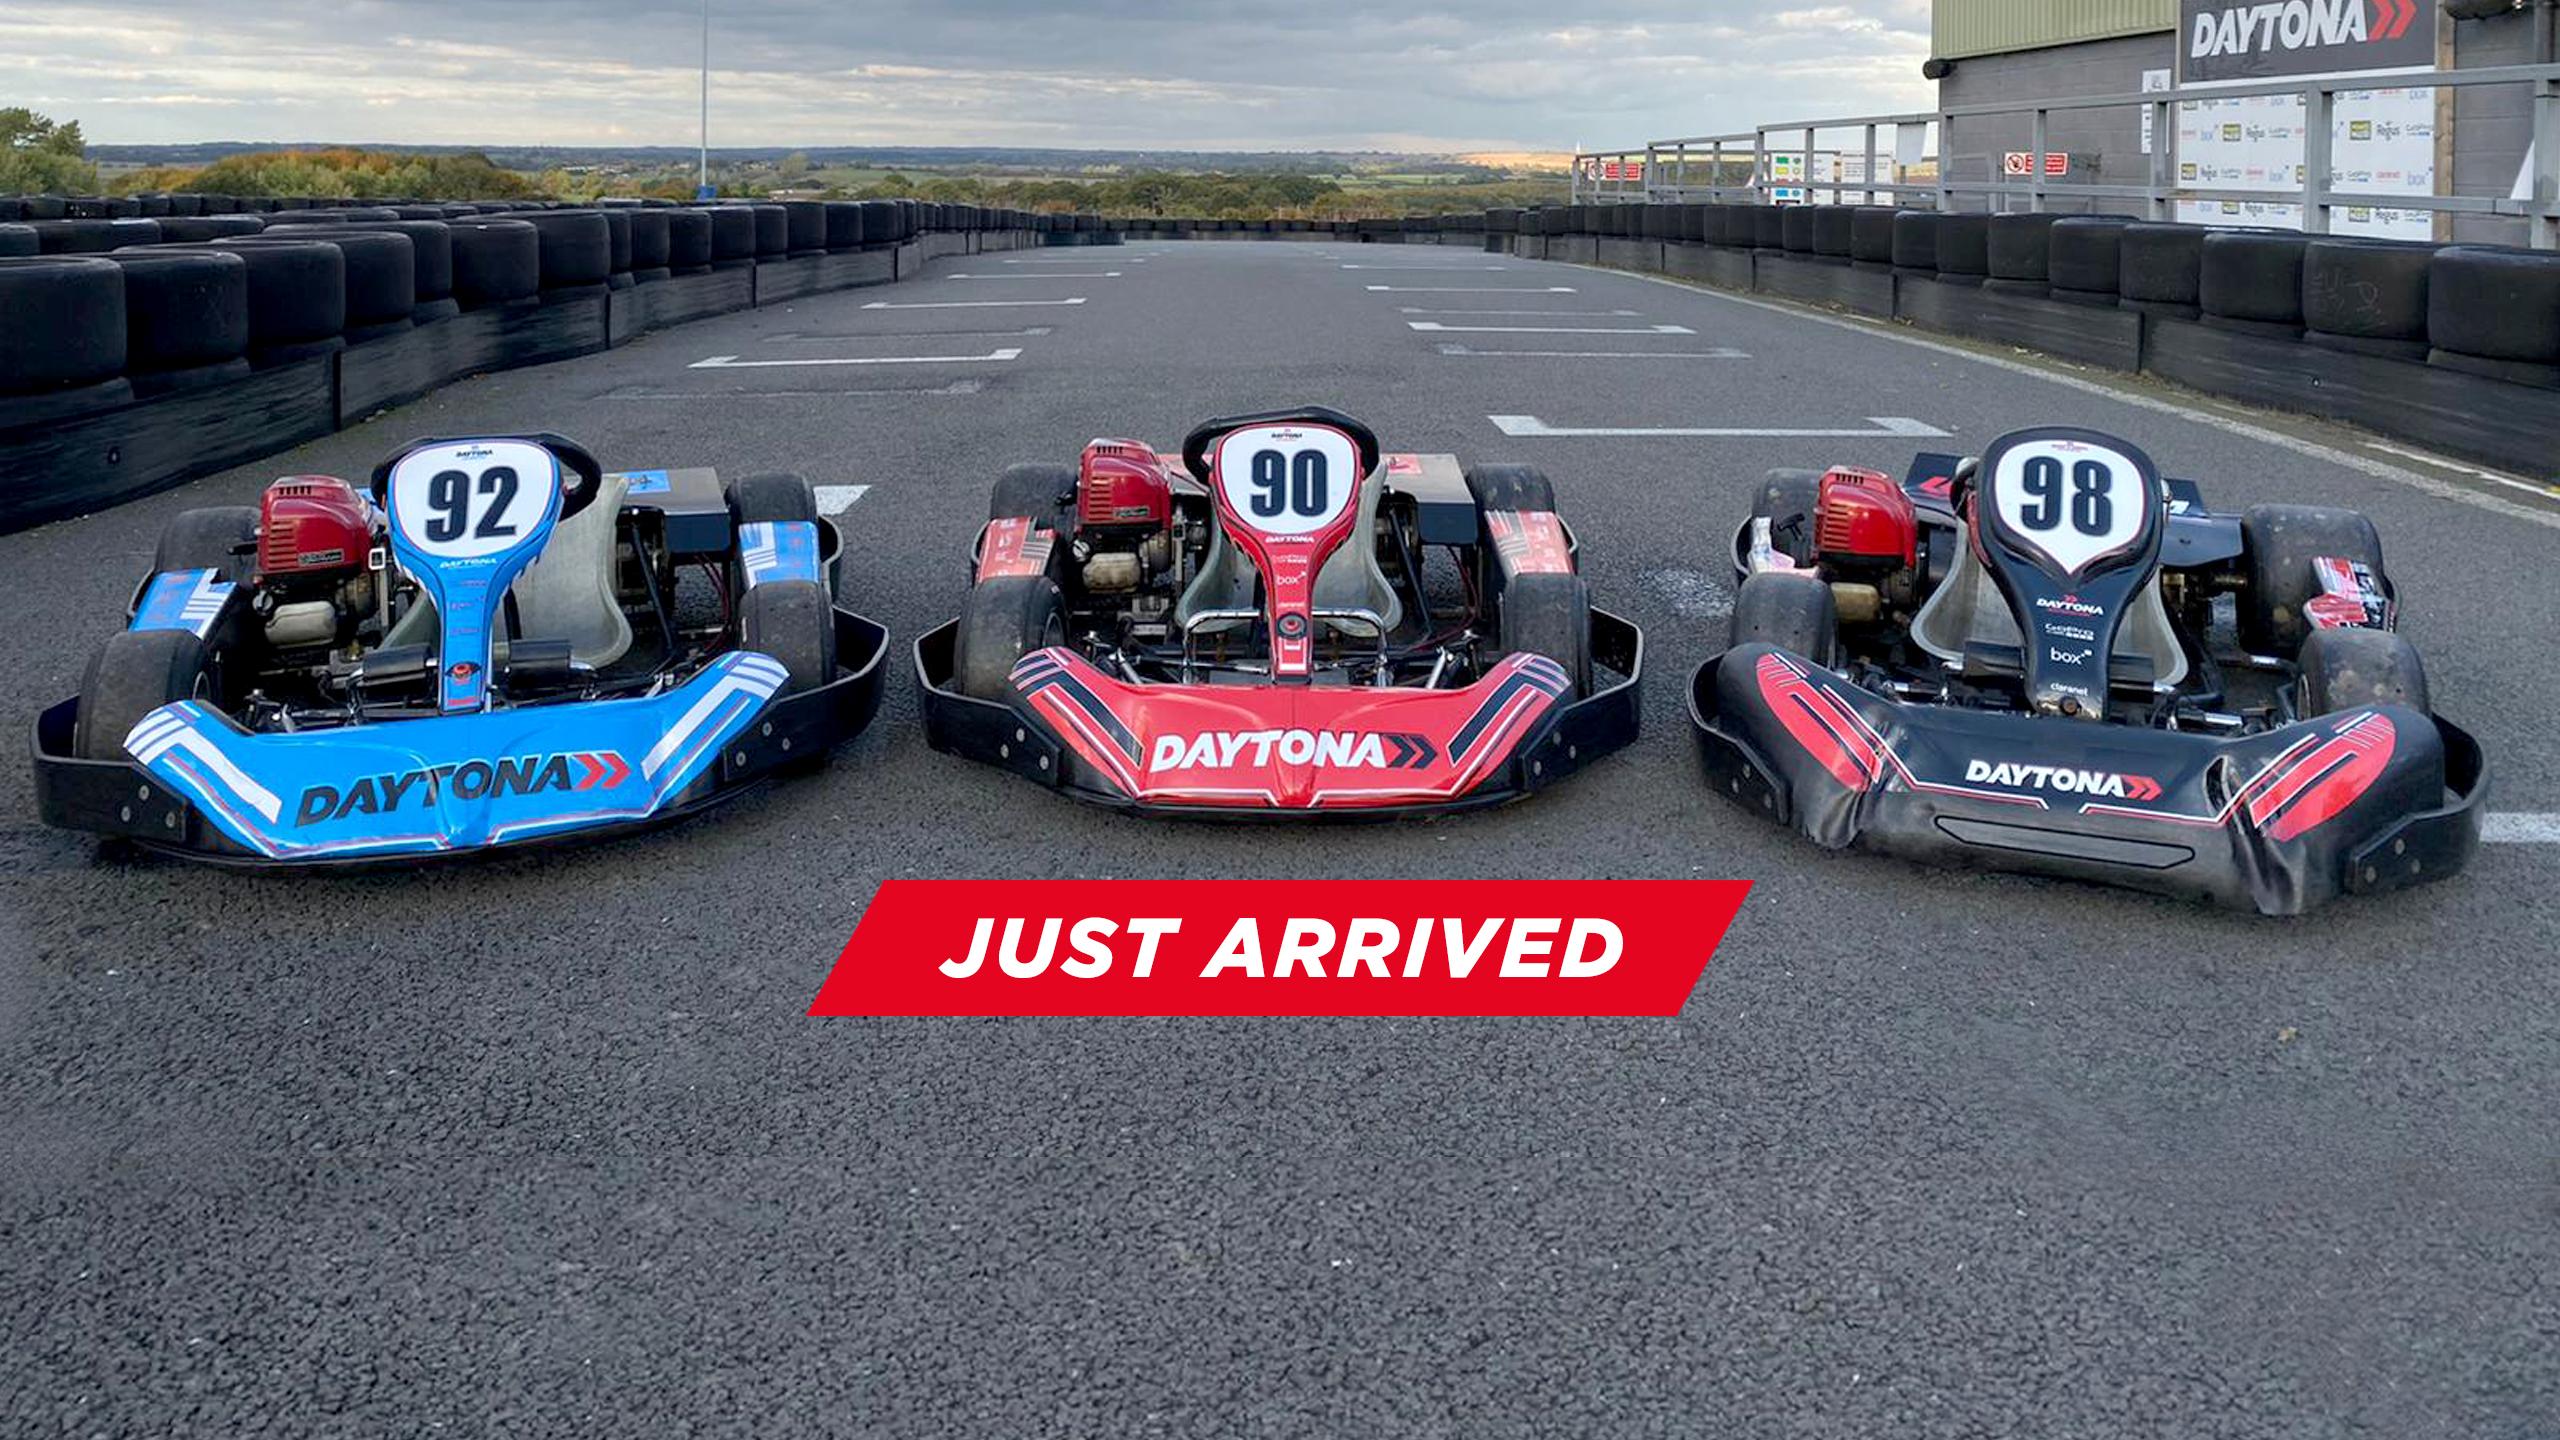 Bambino Go-Karts at Daytona Tamworth